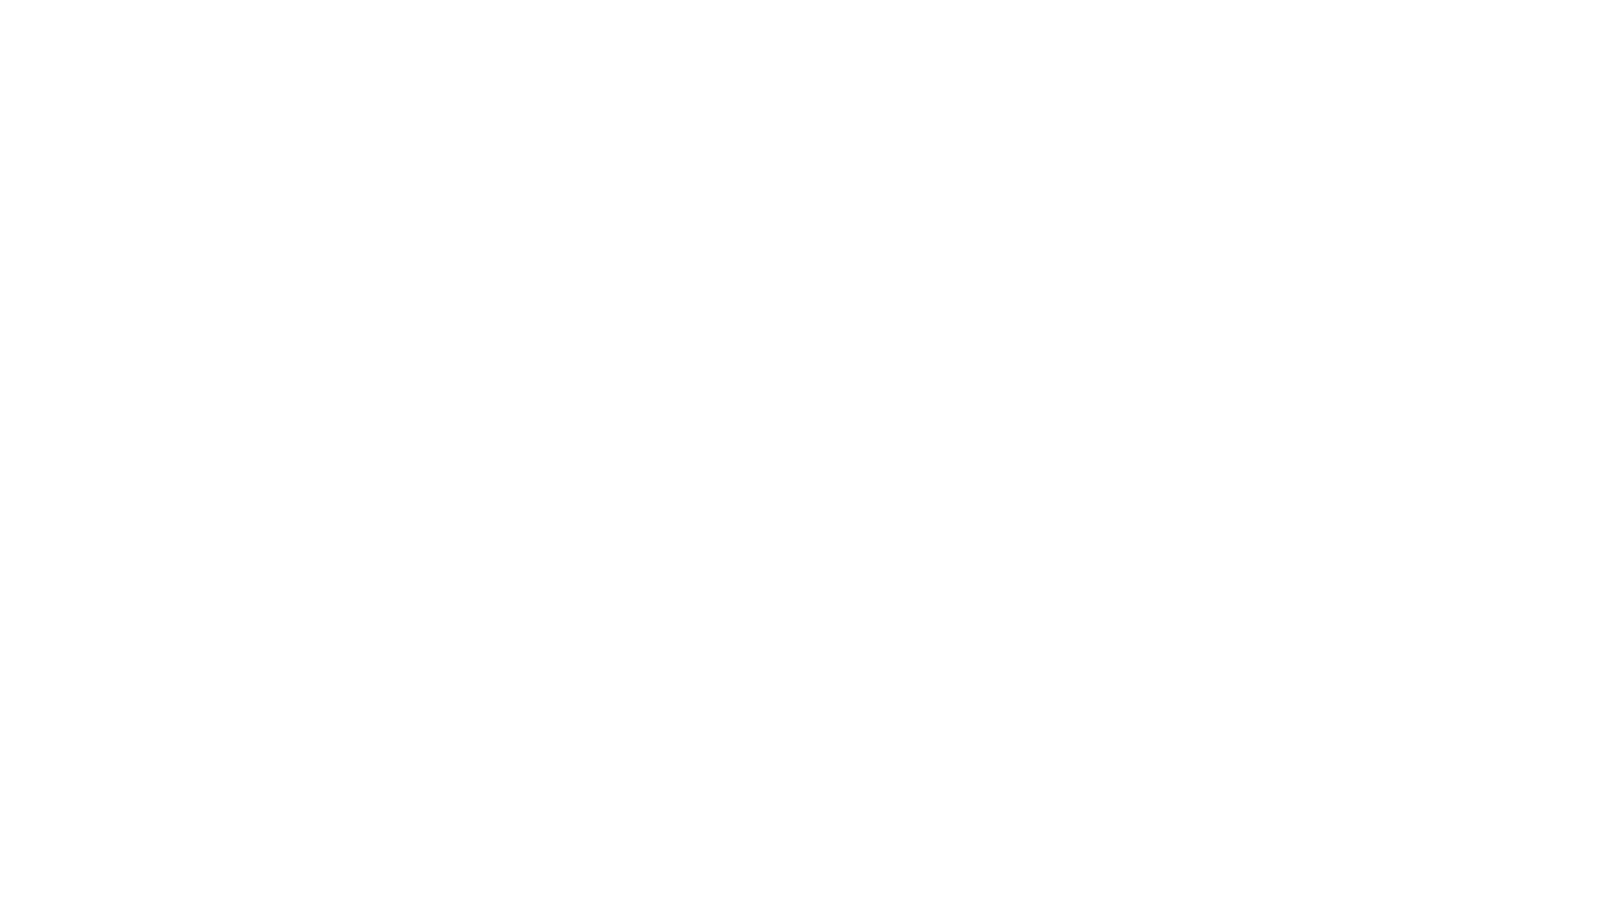 La Comisión Parlamentaria para la Reconstrucción Social y Económica creada en el Parlamento y presidida por Patxi López sigue sus trabajos y reuniones en los que los diferentes partidos se van retratando respecto a sus ideas y prioridades. Ponerse de acuerdo en la mejora de la red sanitaria no tendría que haber sido tan complicado, al fin y al cabo basta con atender las peticiones de los médicos y directores de hospital que no suelen ser muy distintas unas de otras. El otro punto en el que ya están todos de acuerdo es en que hay que pedir a Bruselas, pedir para sacar todo lo que sea posible de la Unión Europea. En todo lo demás siguen discutiendo.